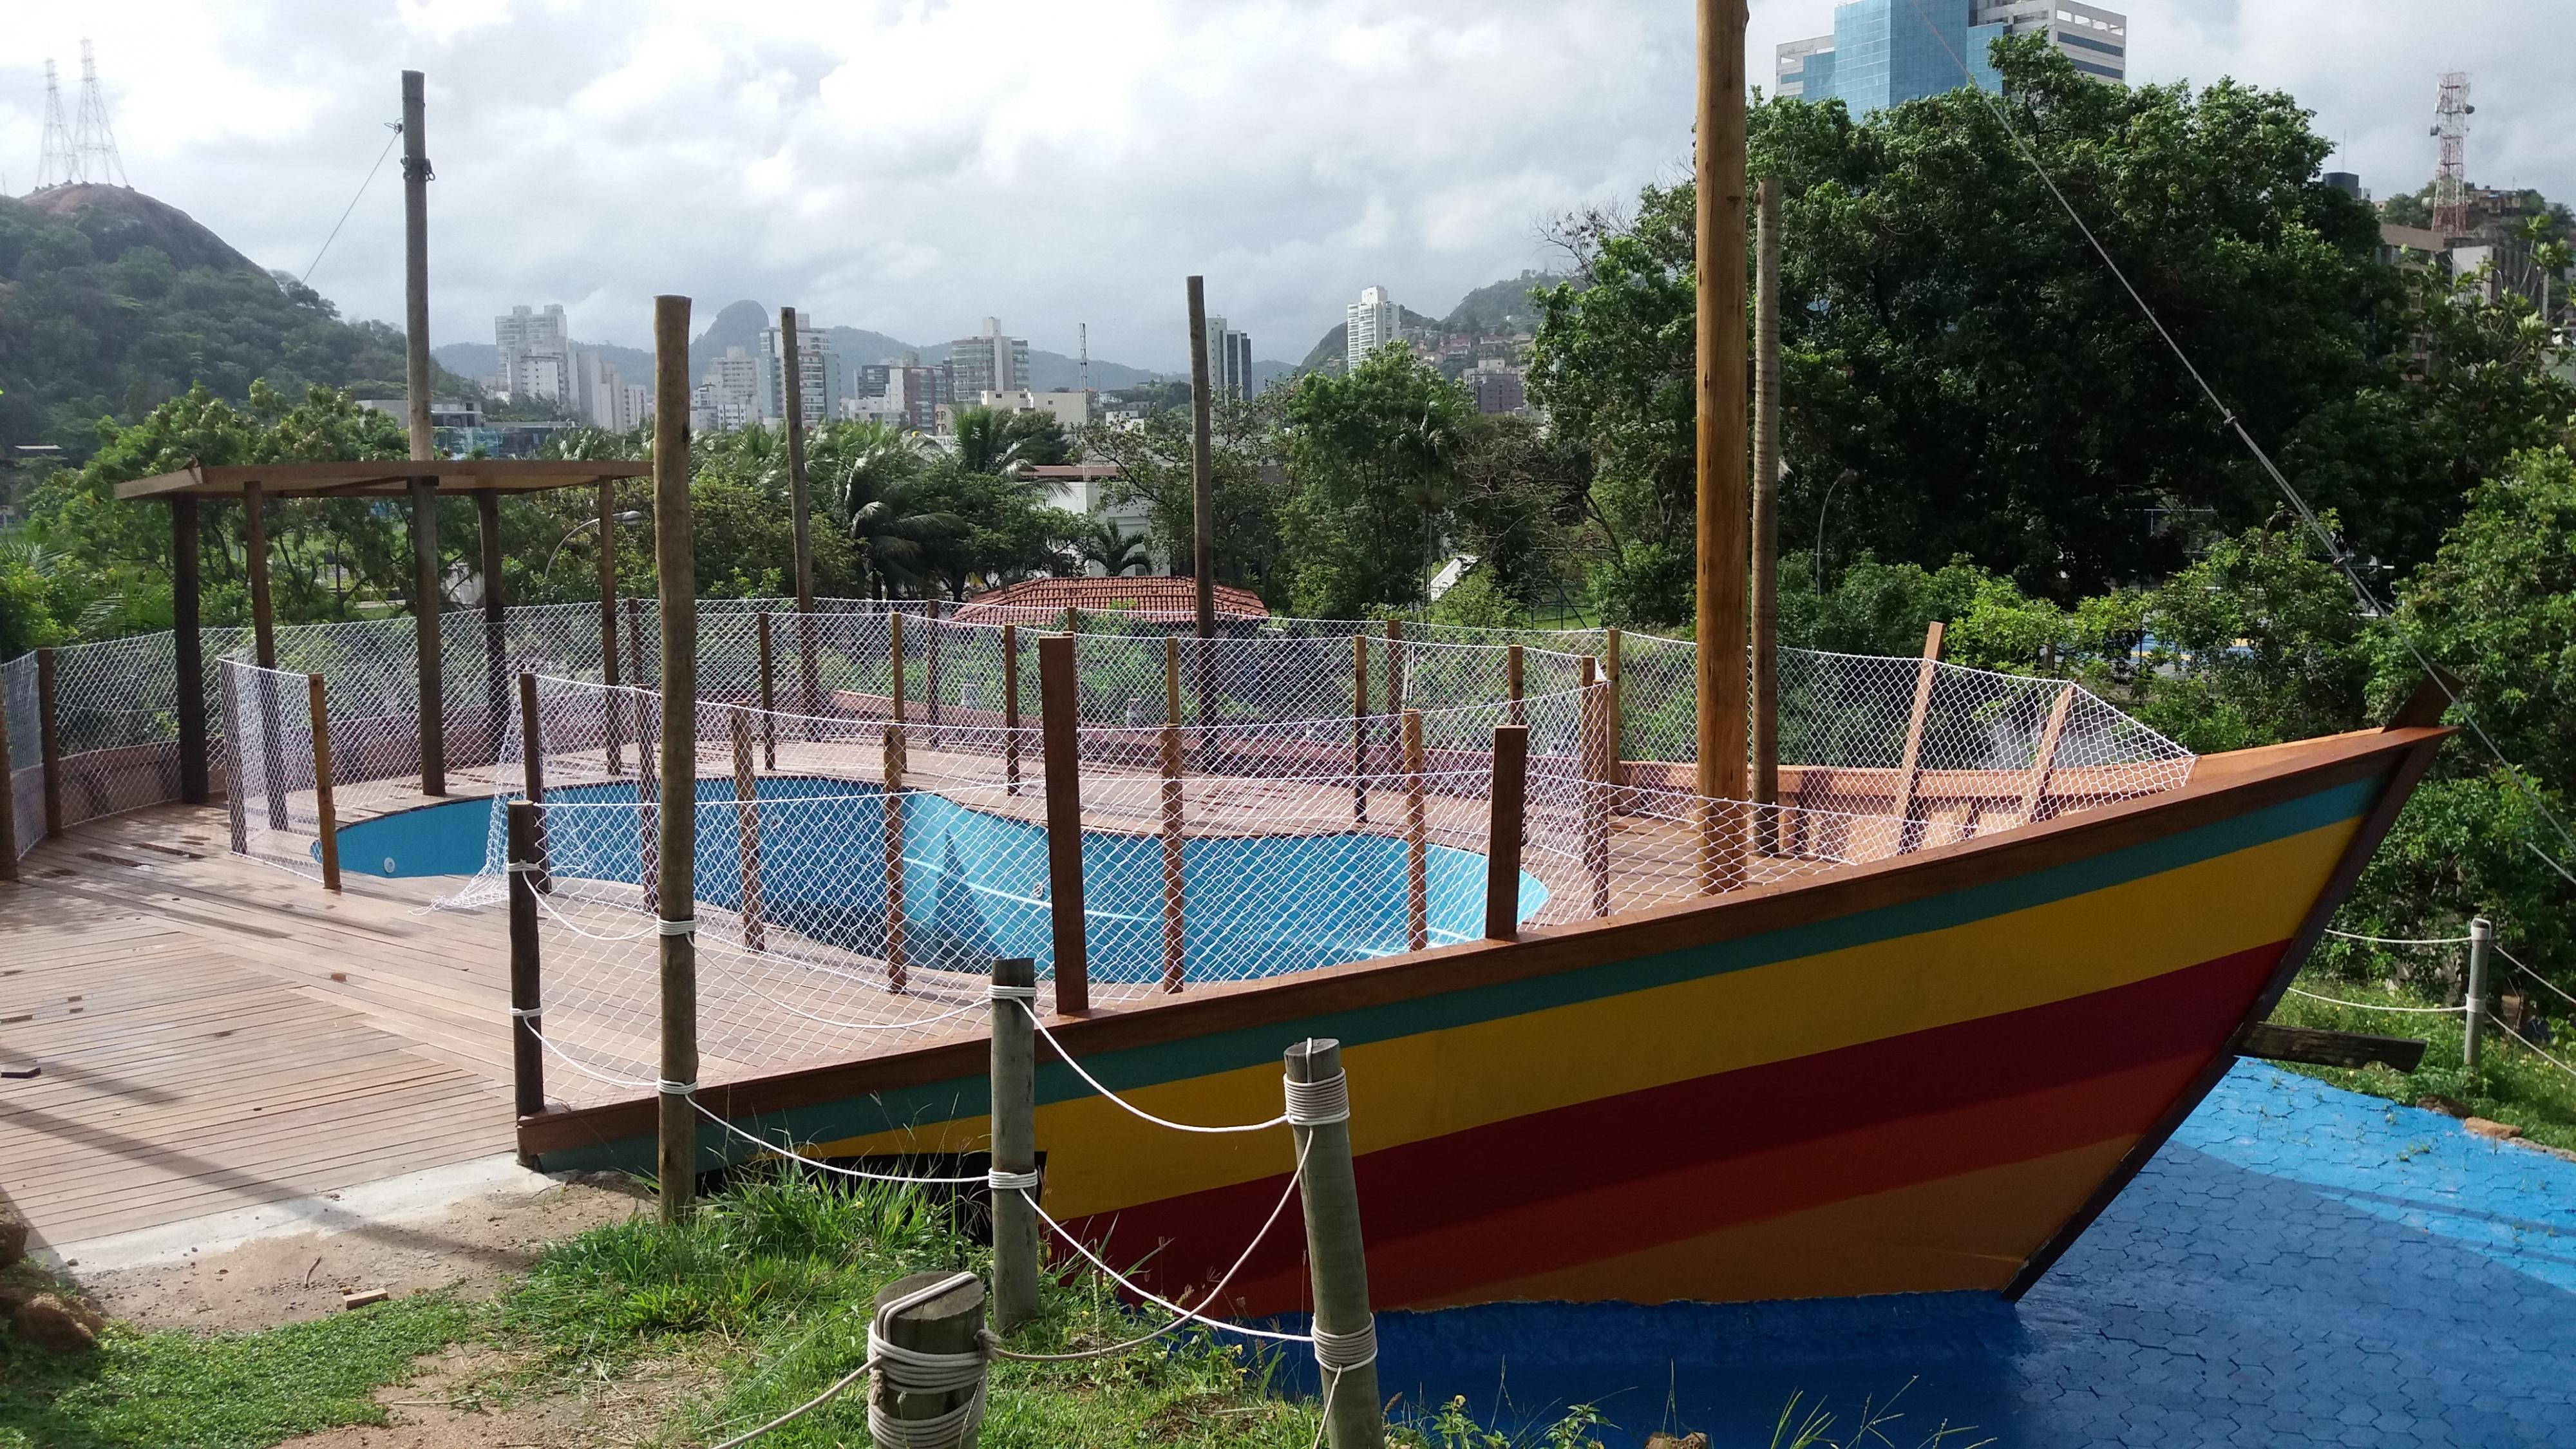 Tanque barco no Projeto Tamar. Crédito: Divulgação/Projeto Tamar